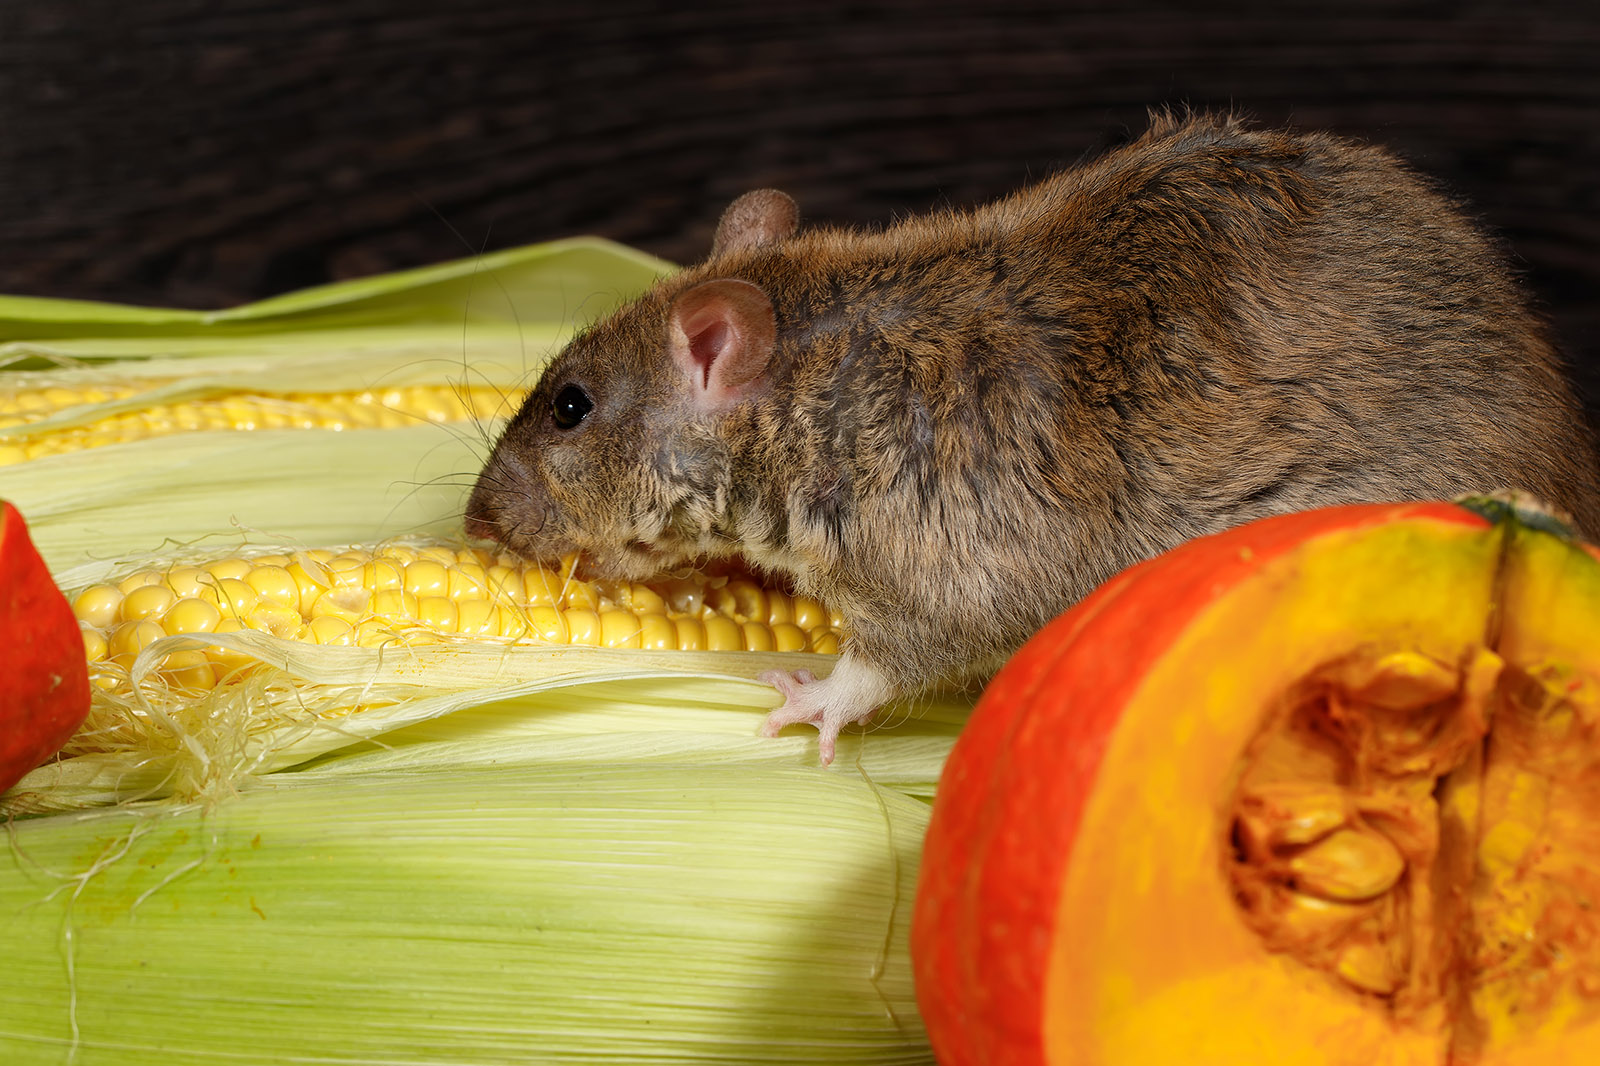 Close up of rat eating corn and pumpkin